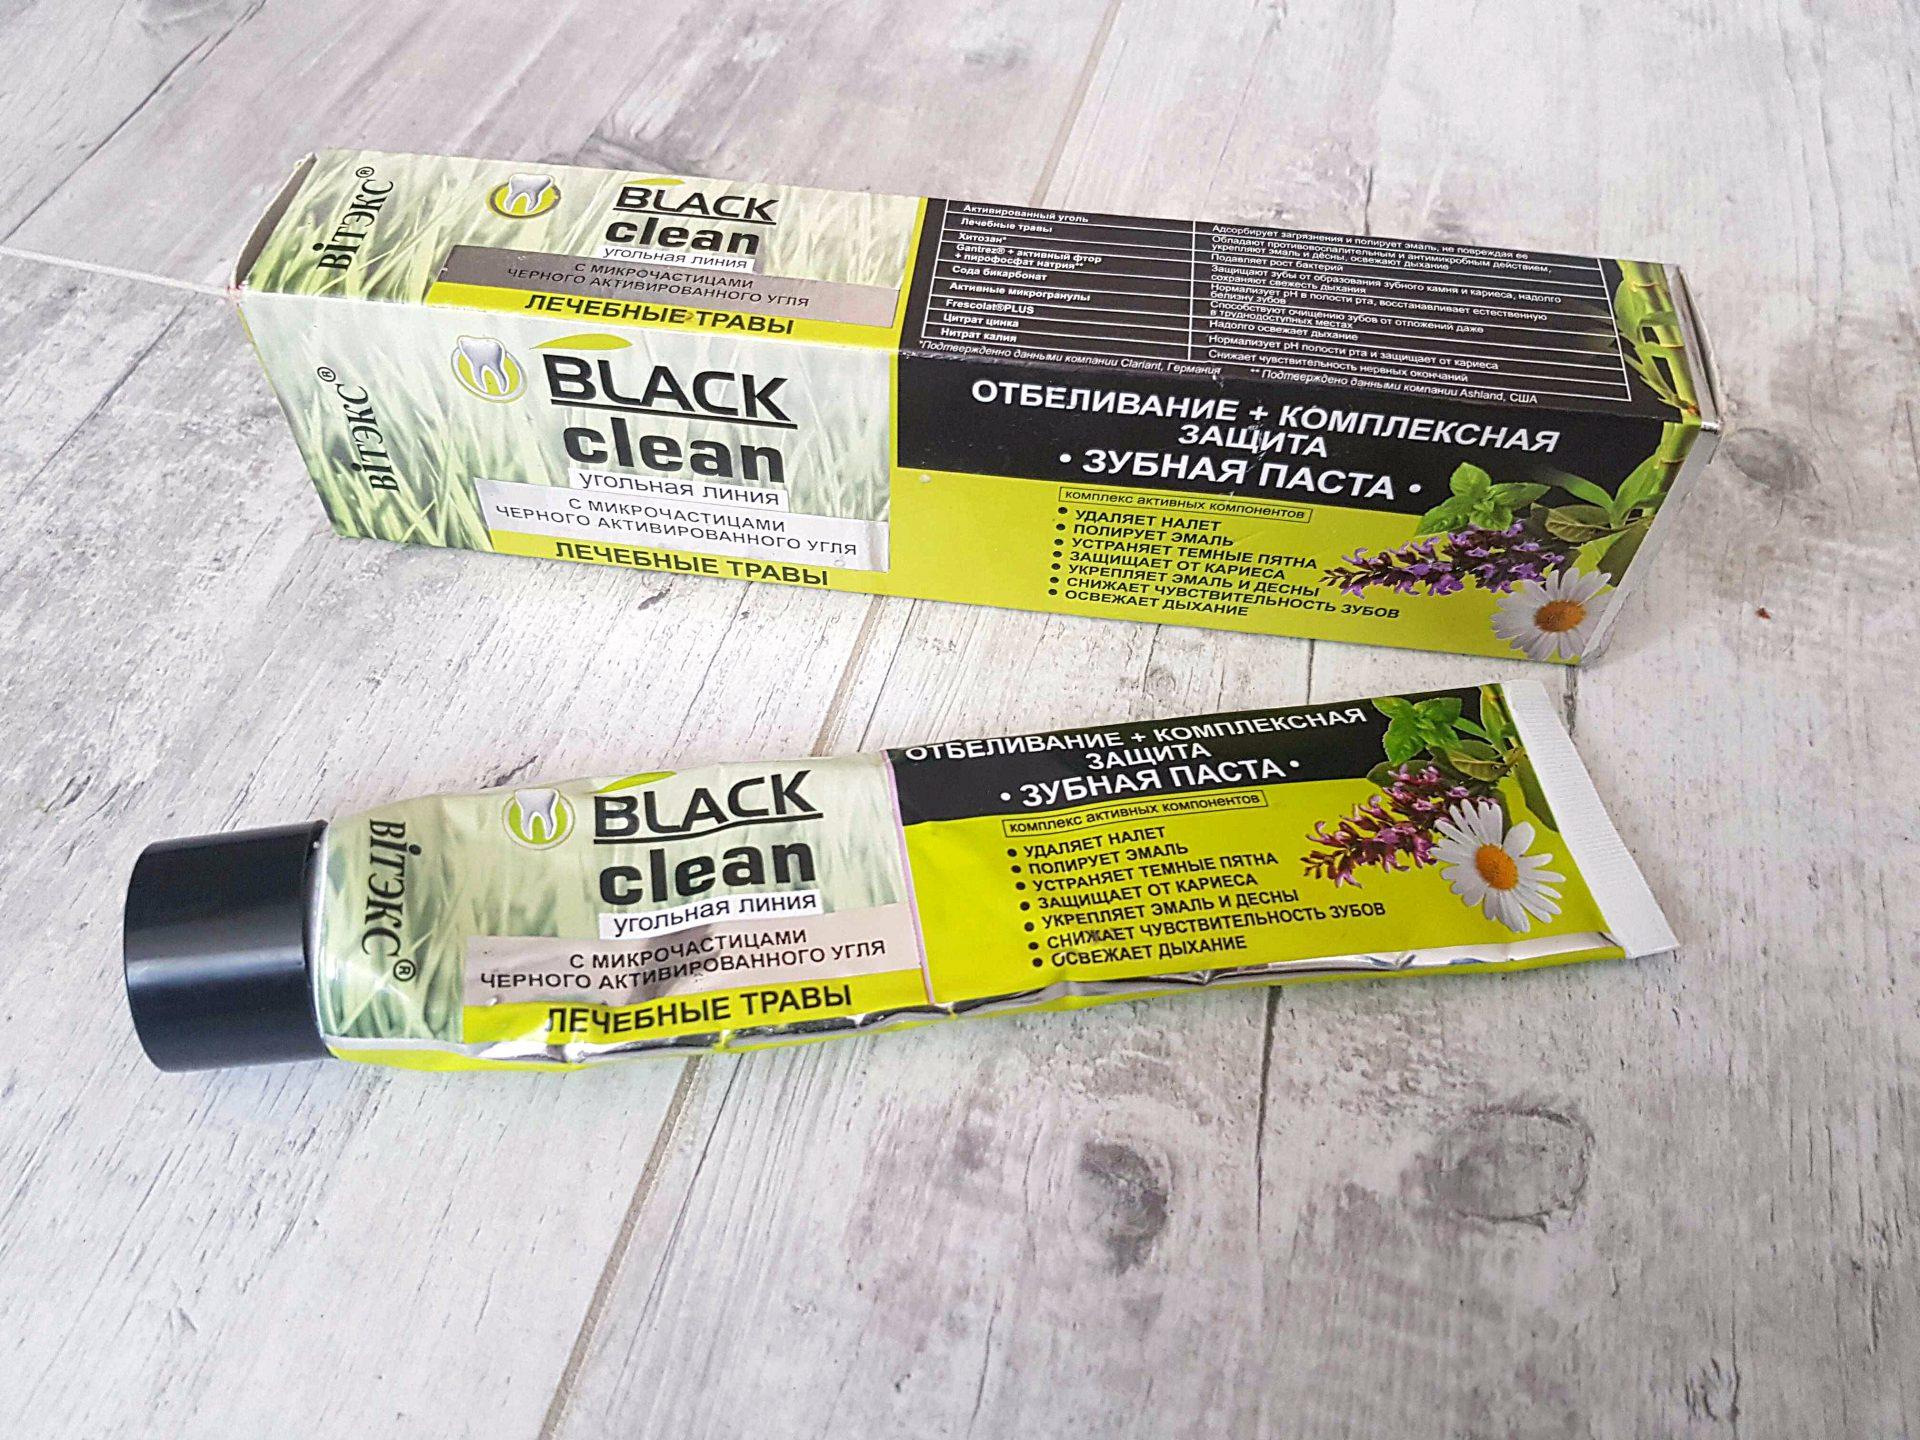 BLACK CLEAN czyli pasta z węglem aktywnym pod lupą